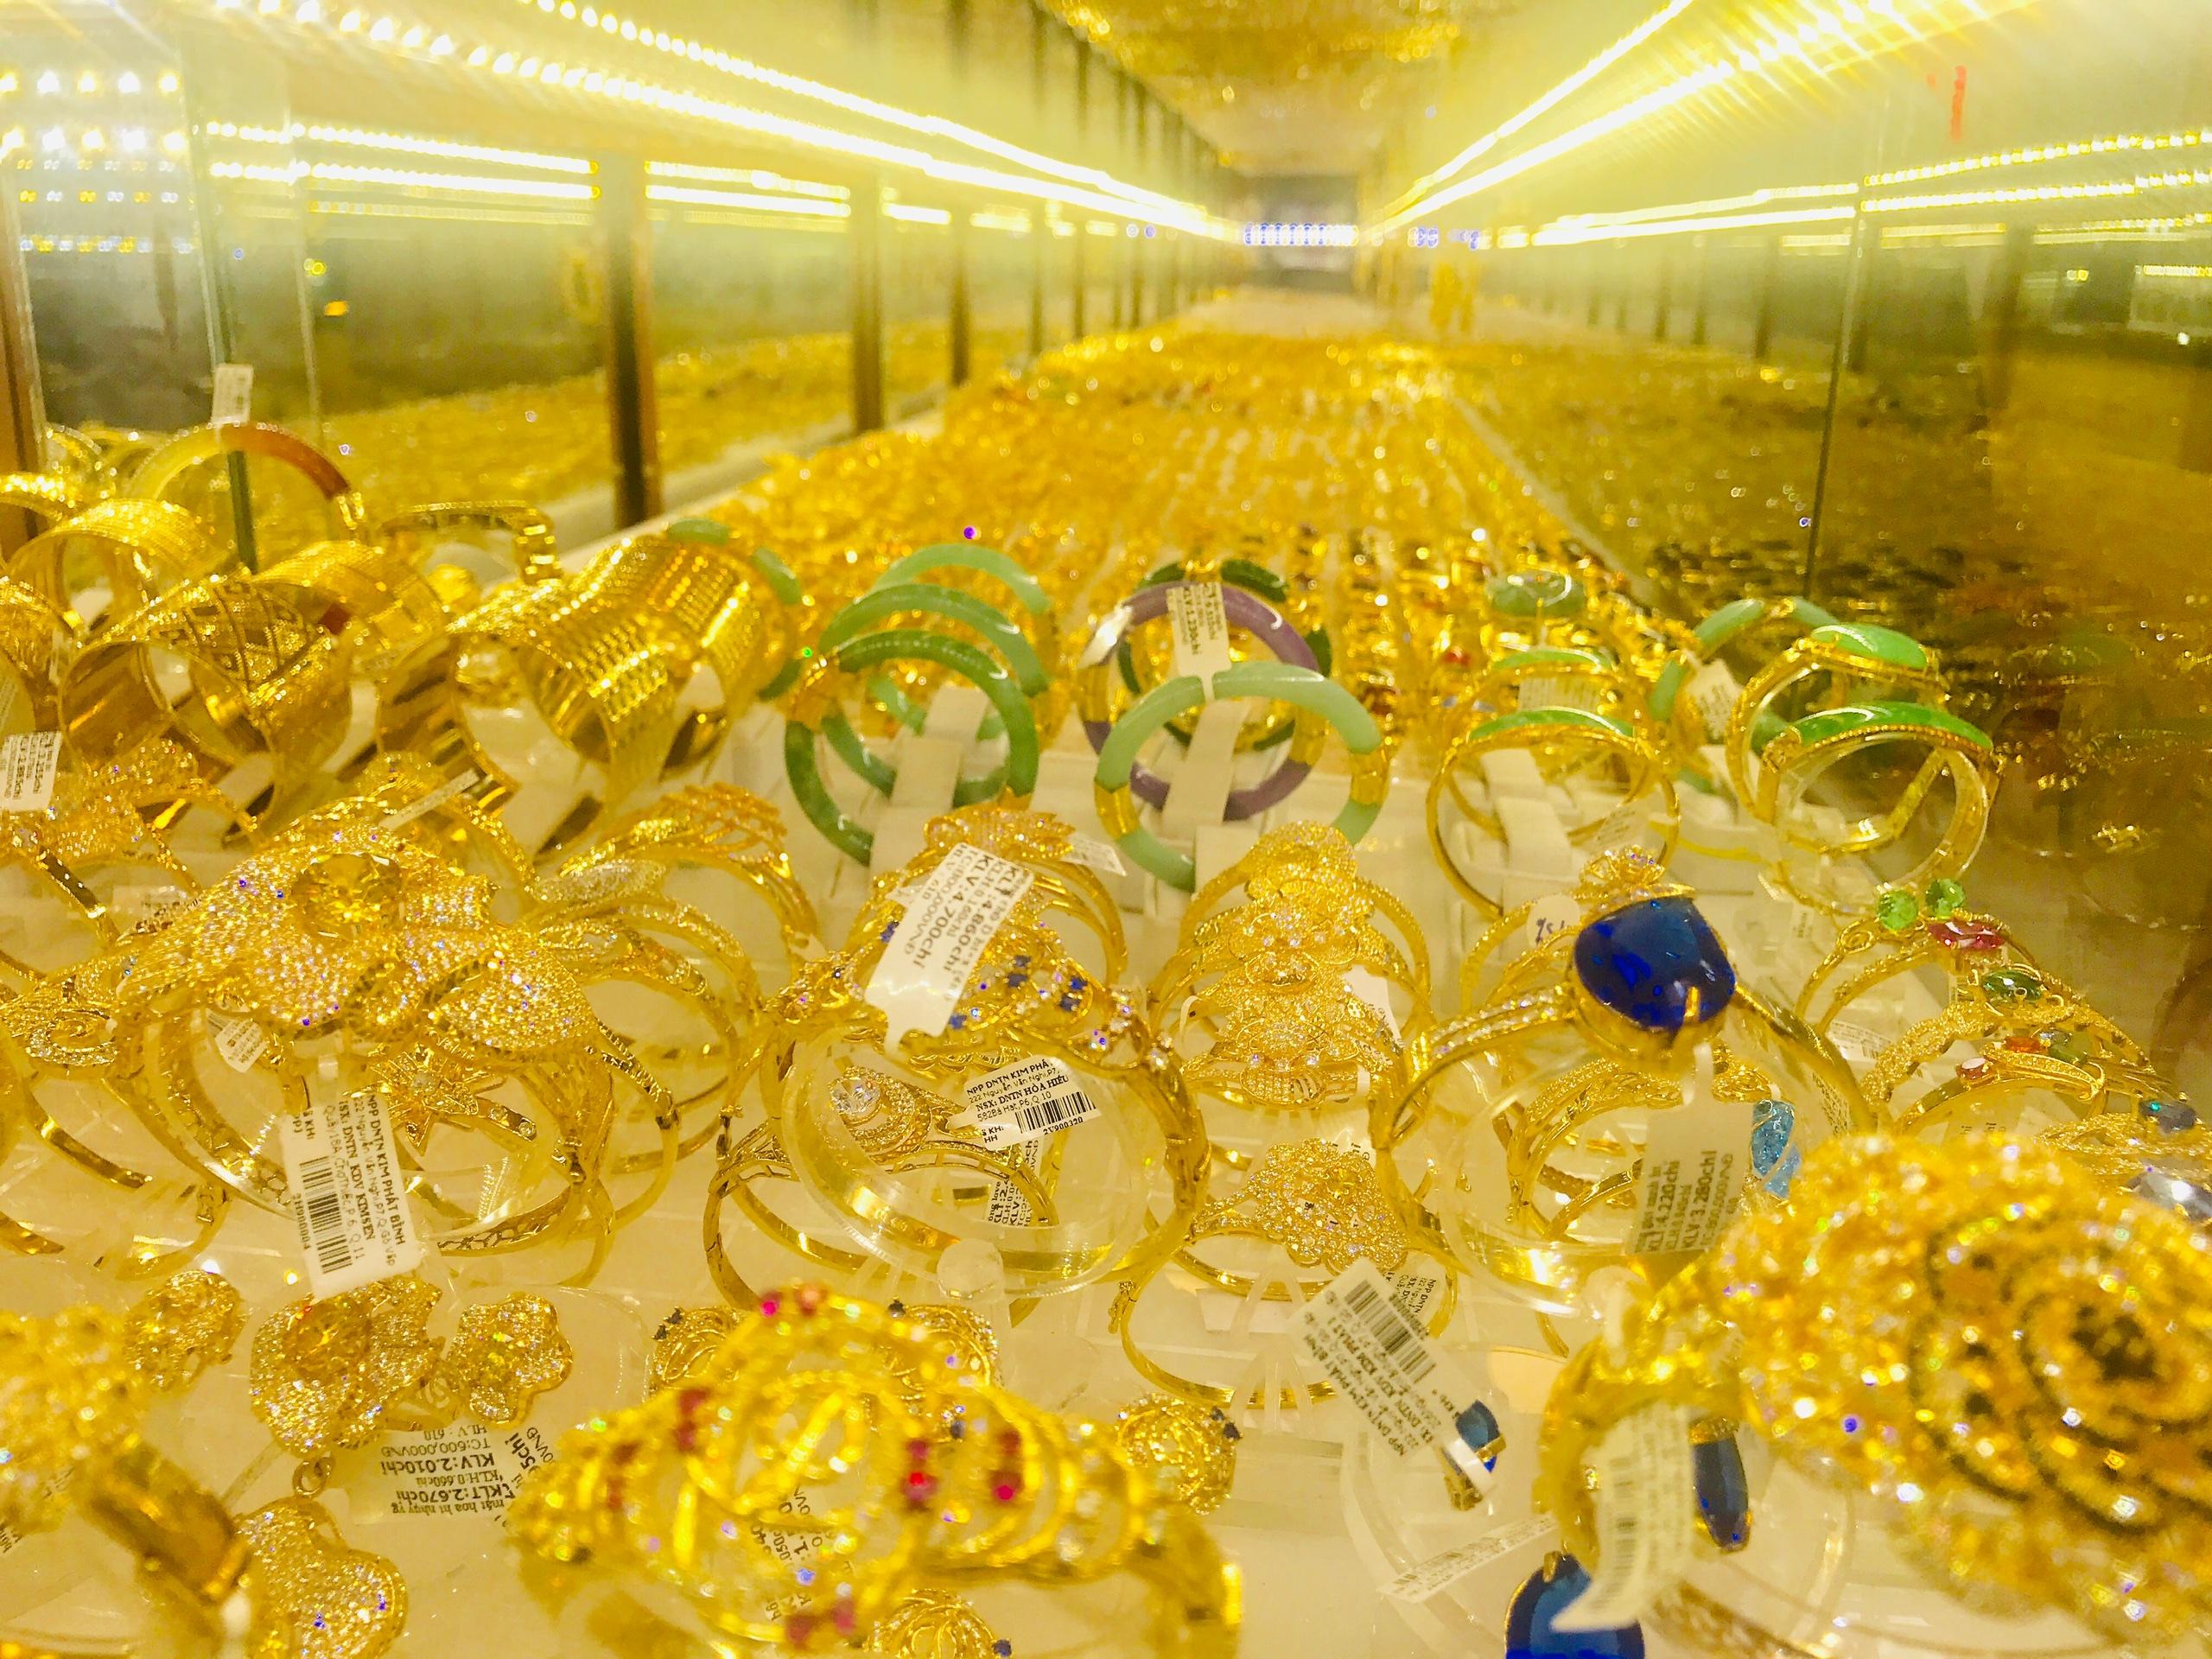 Giá vàng SJC rớt đến 2,6 triệu đồng/lượng, người mua lỗ hơn 3 triệu đồng trong tháng 11 - Ảnh 2.